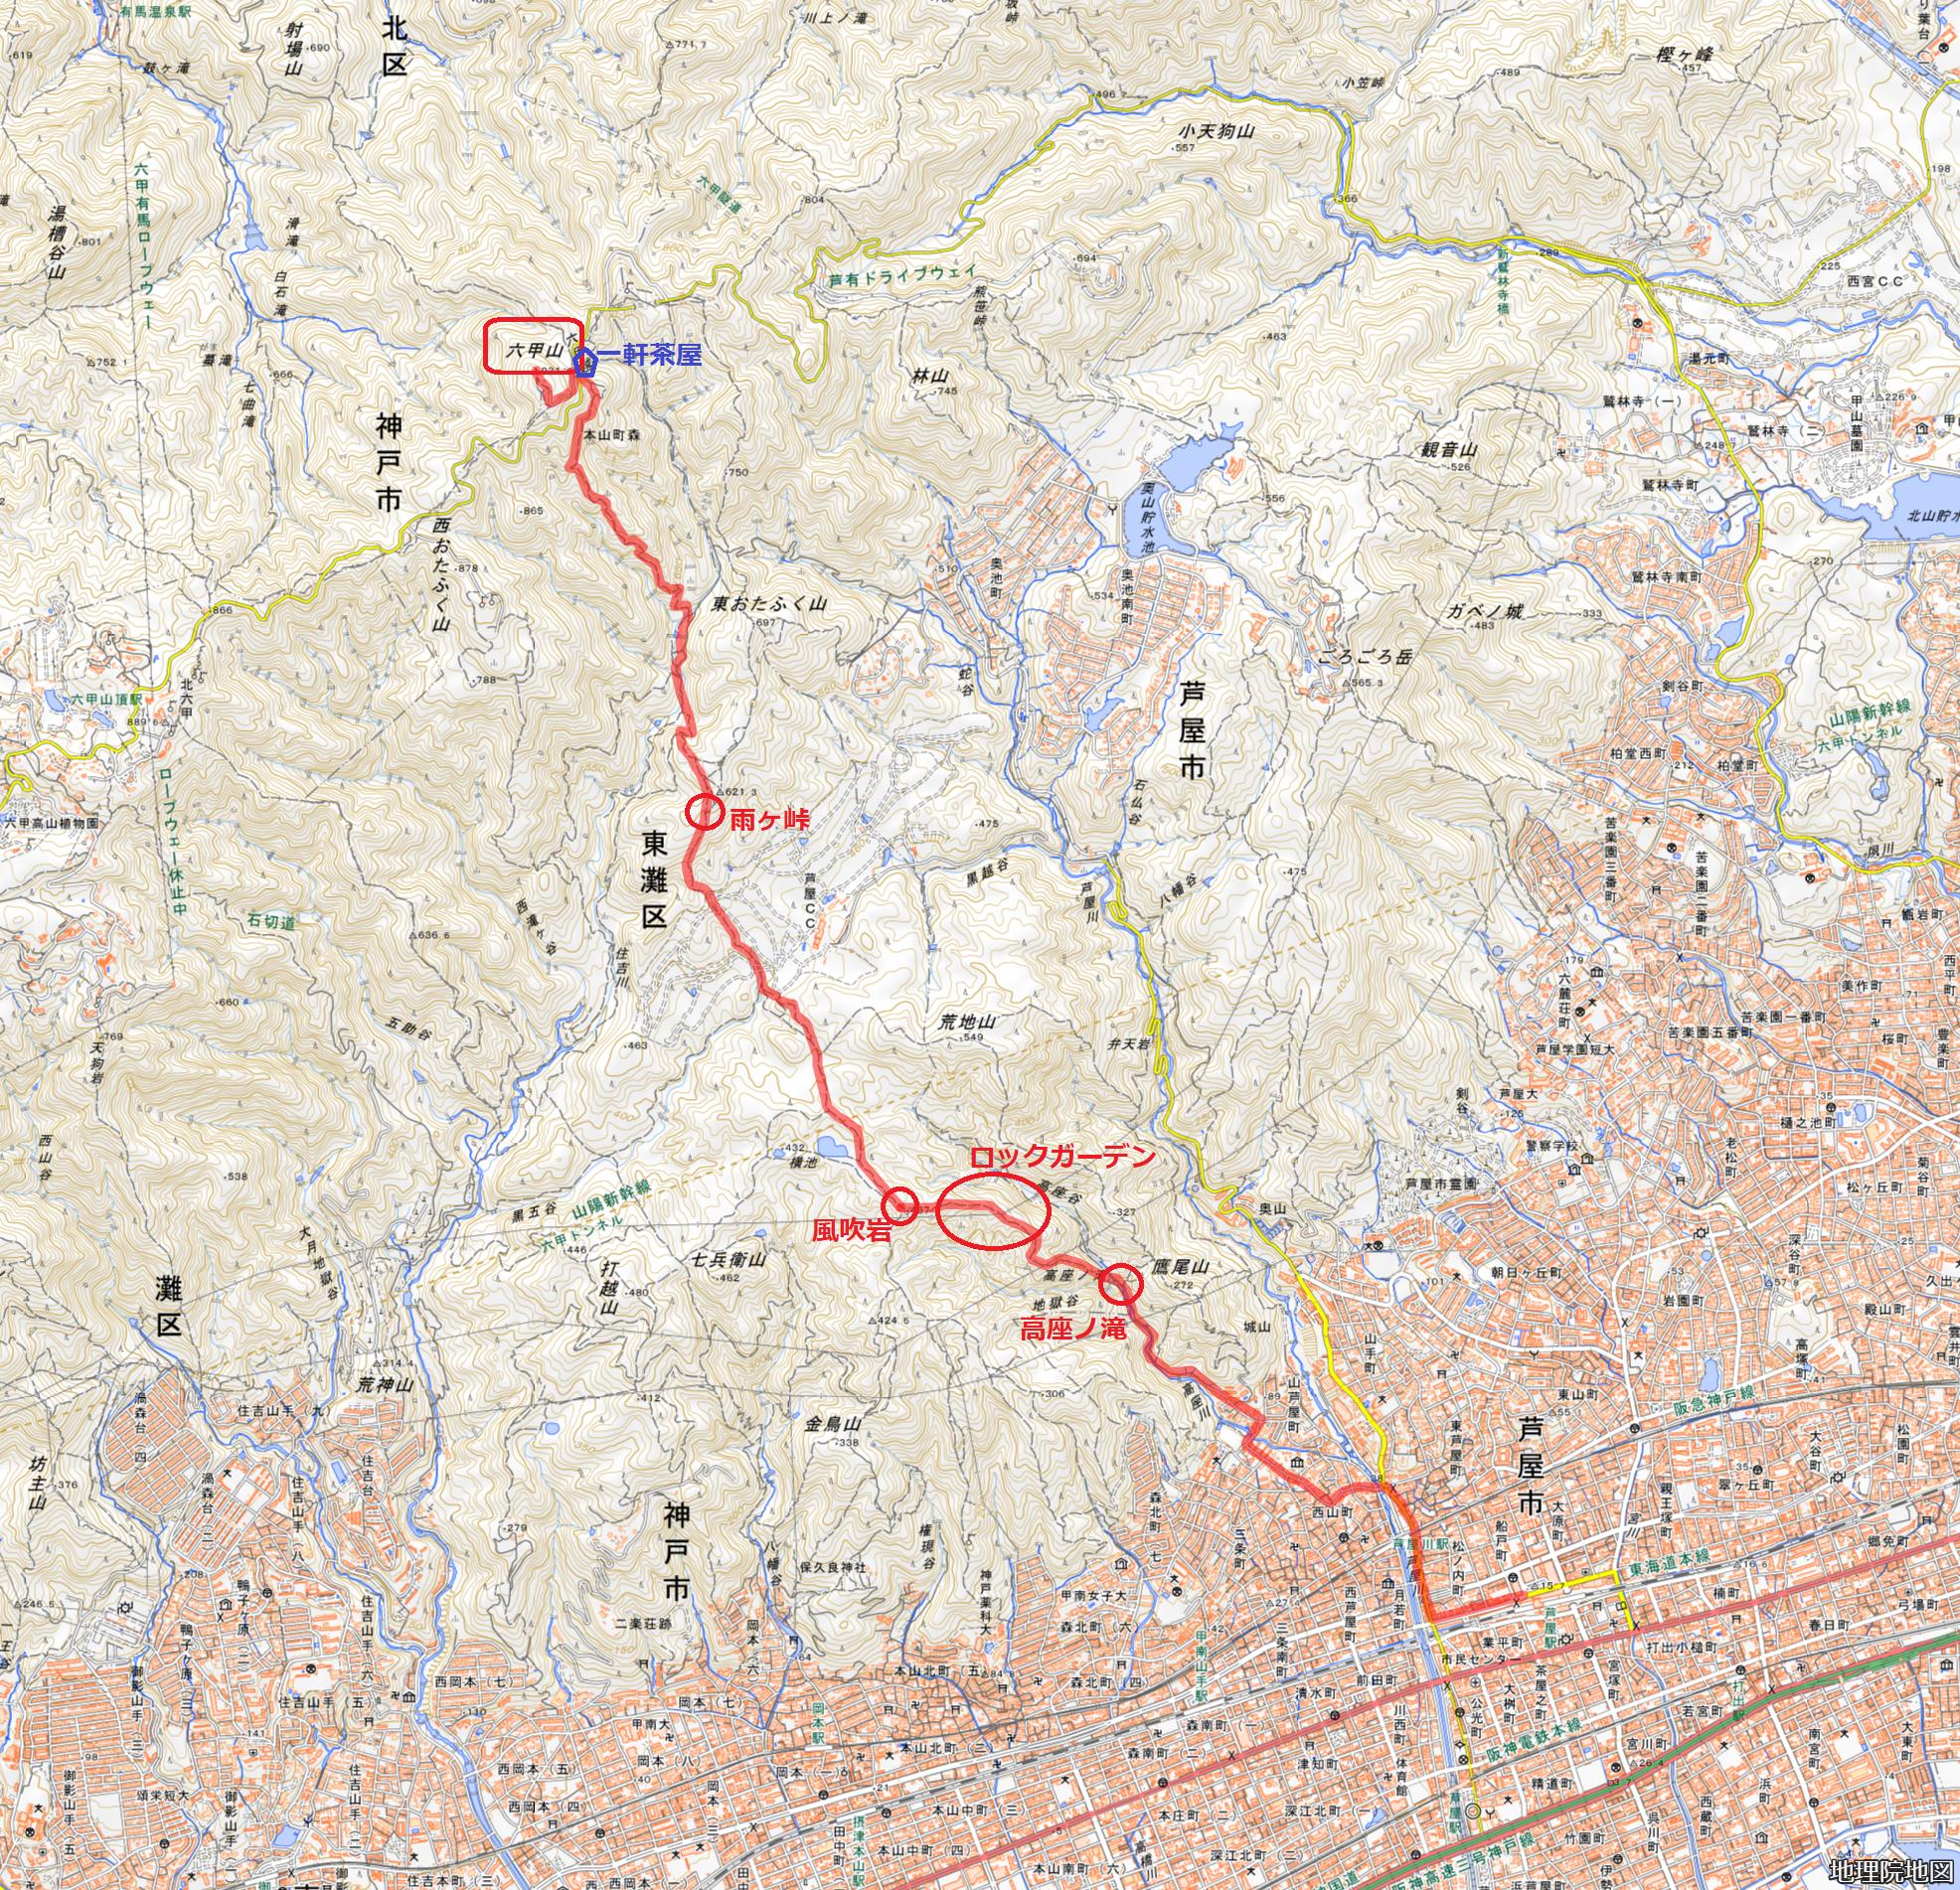 六甲山登山ルート 芦名川駅から六甲山